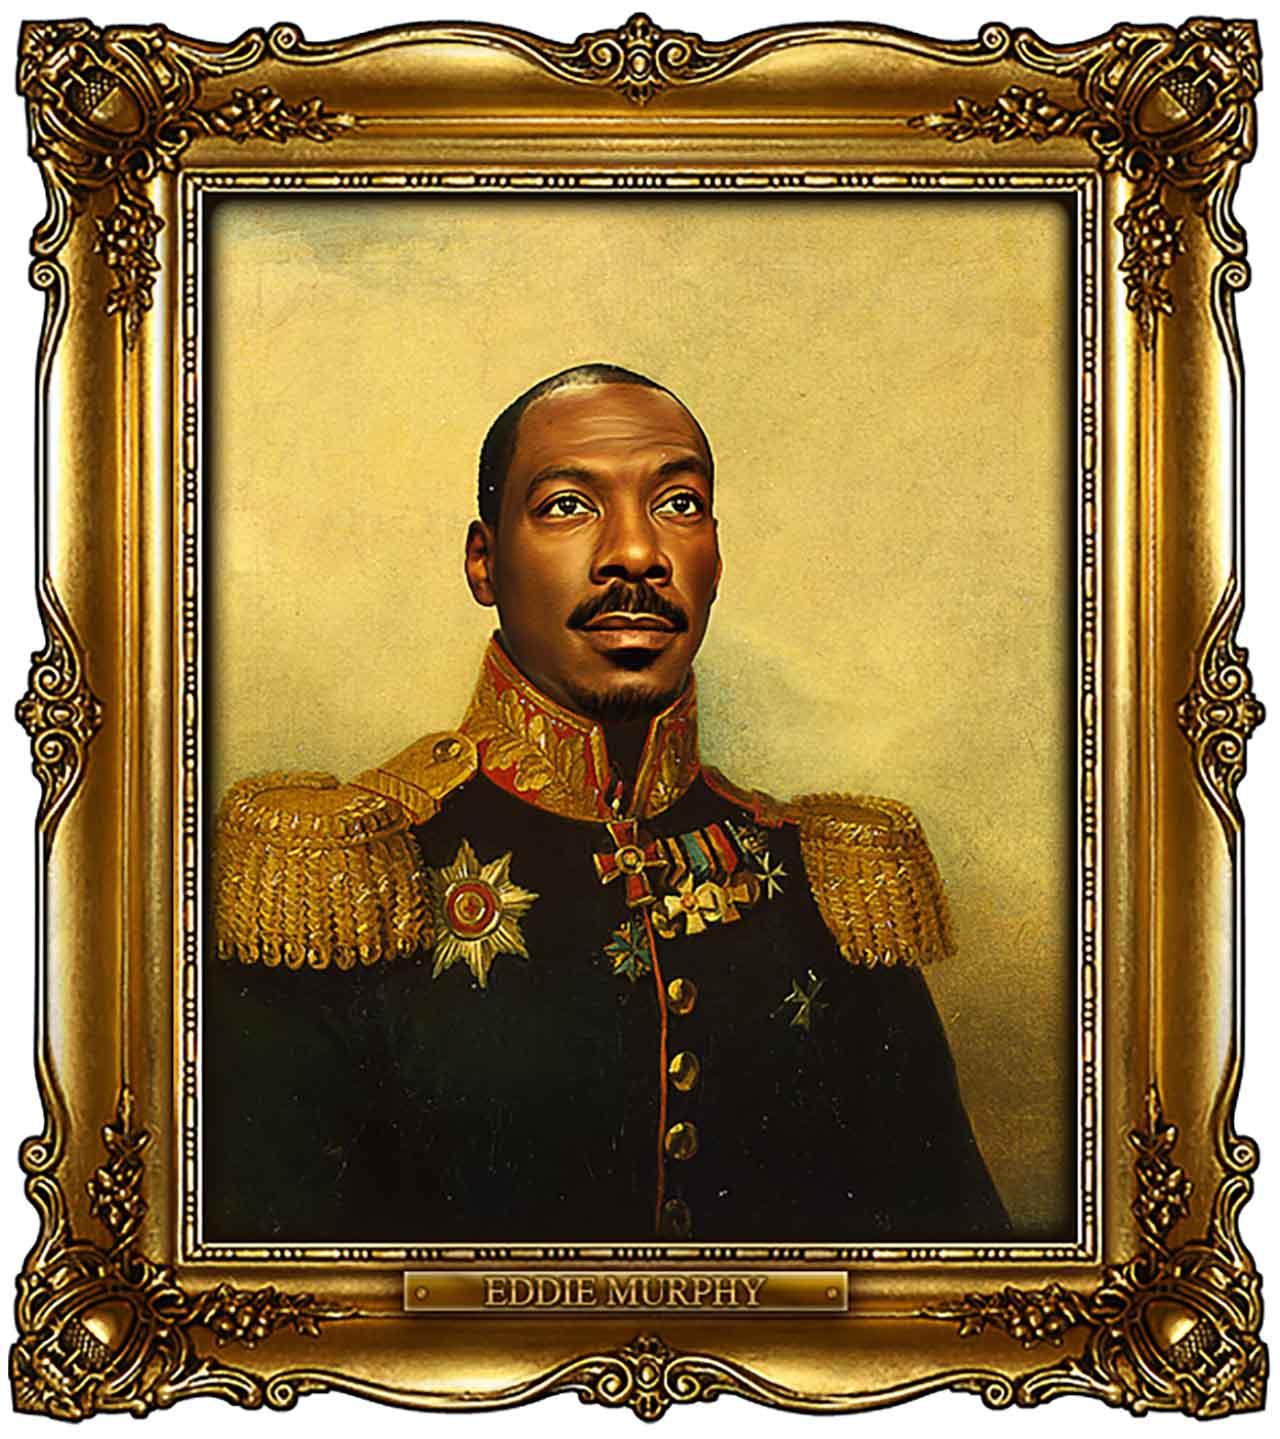 Artist Turns Famous Actors Into Russian Generals - Eddie Murphy